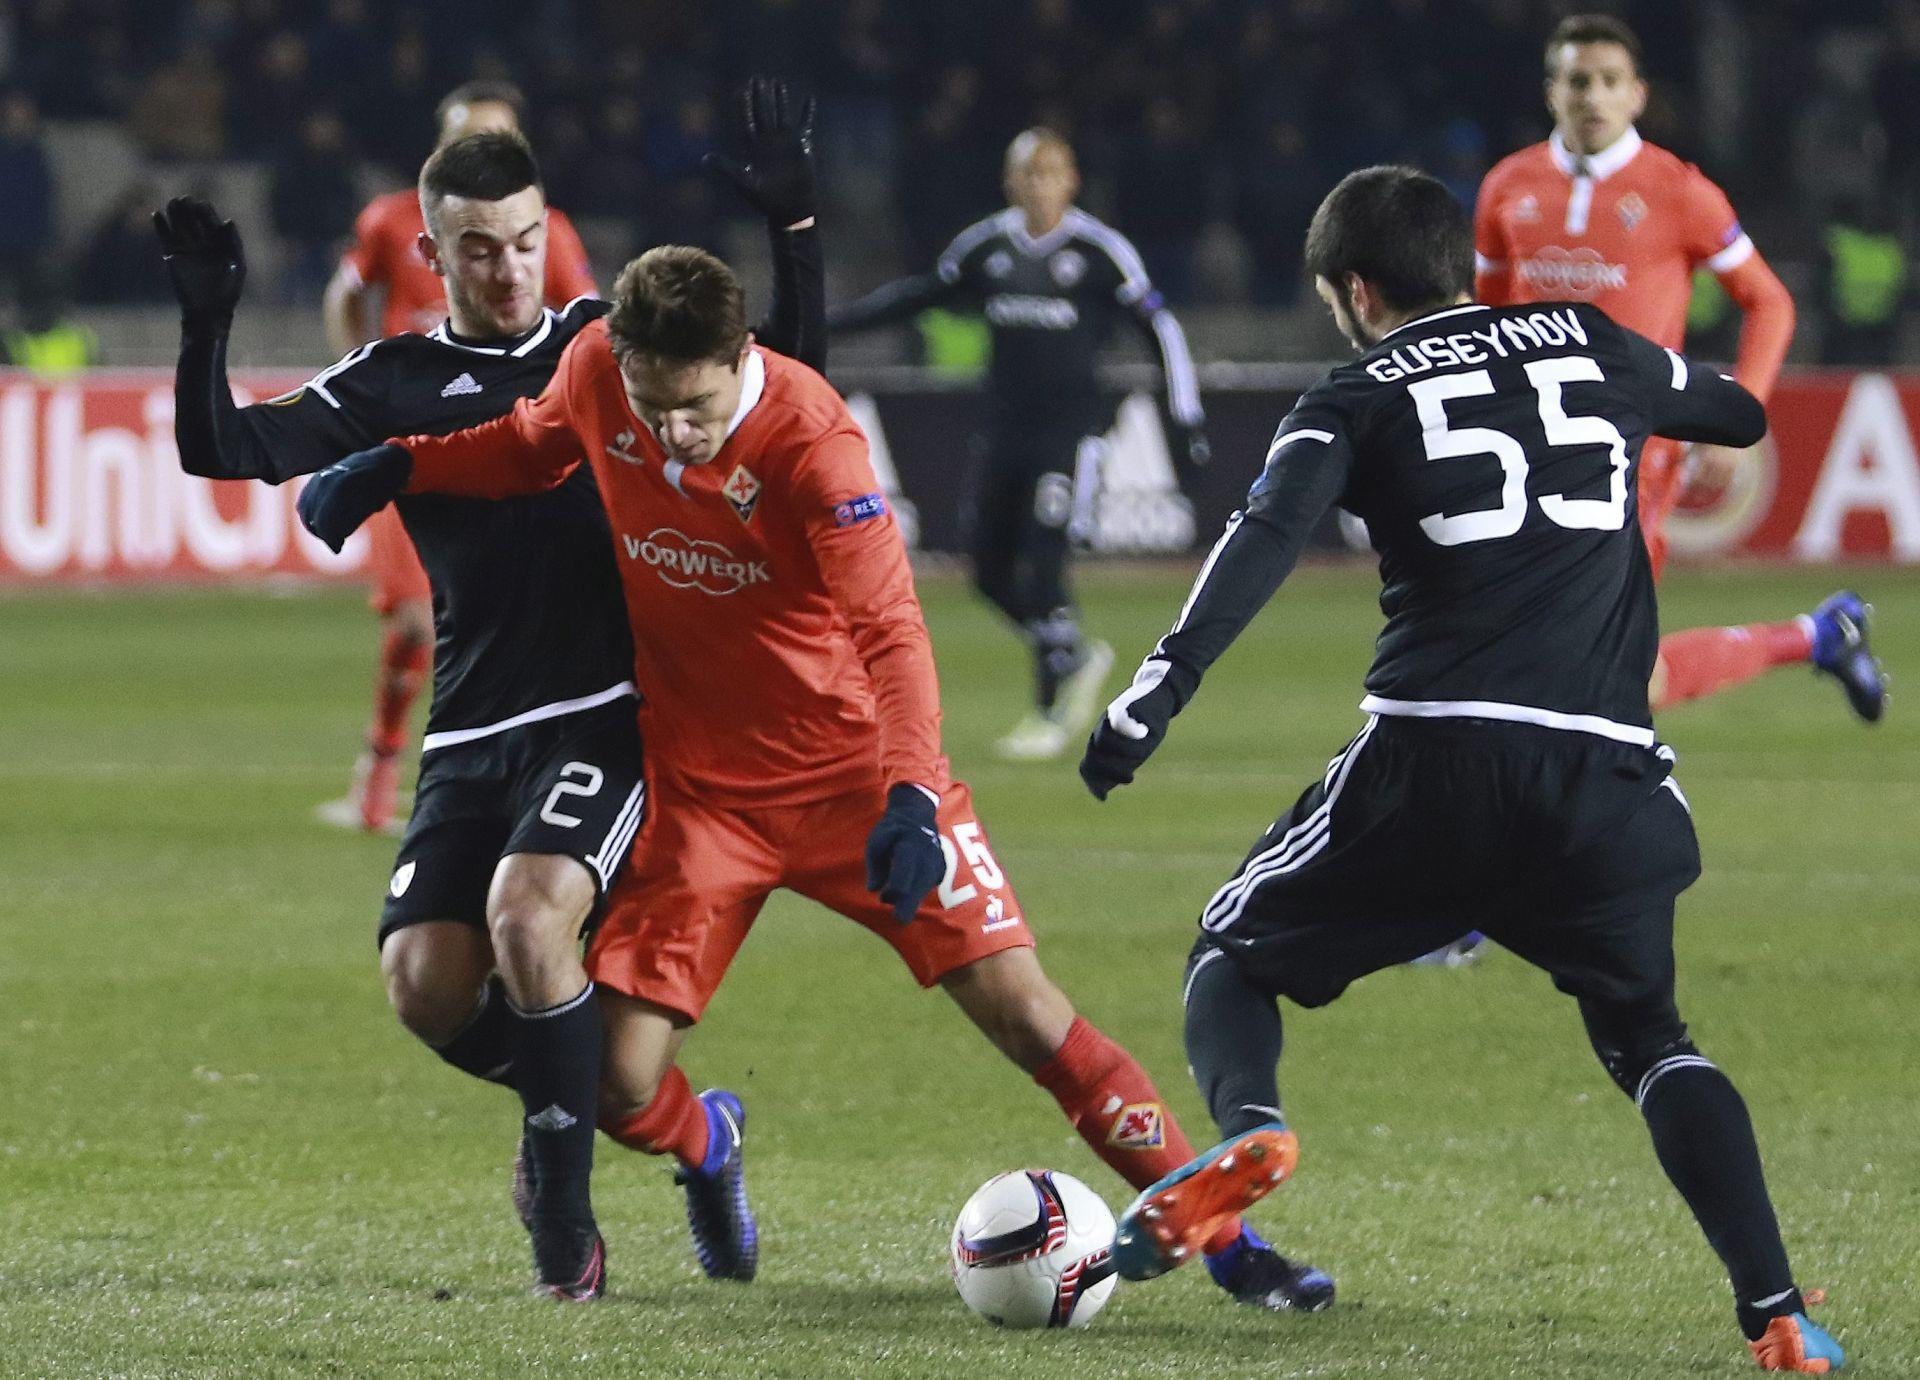 EL – Pobjede Fiorentine i PAOK-a, asistencije Kalinića i Leovca